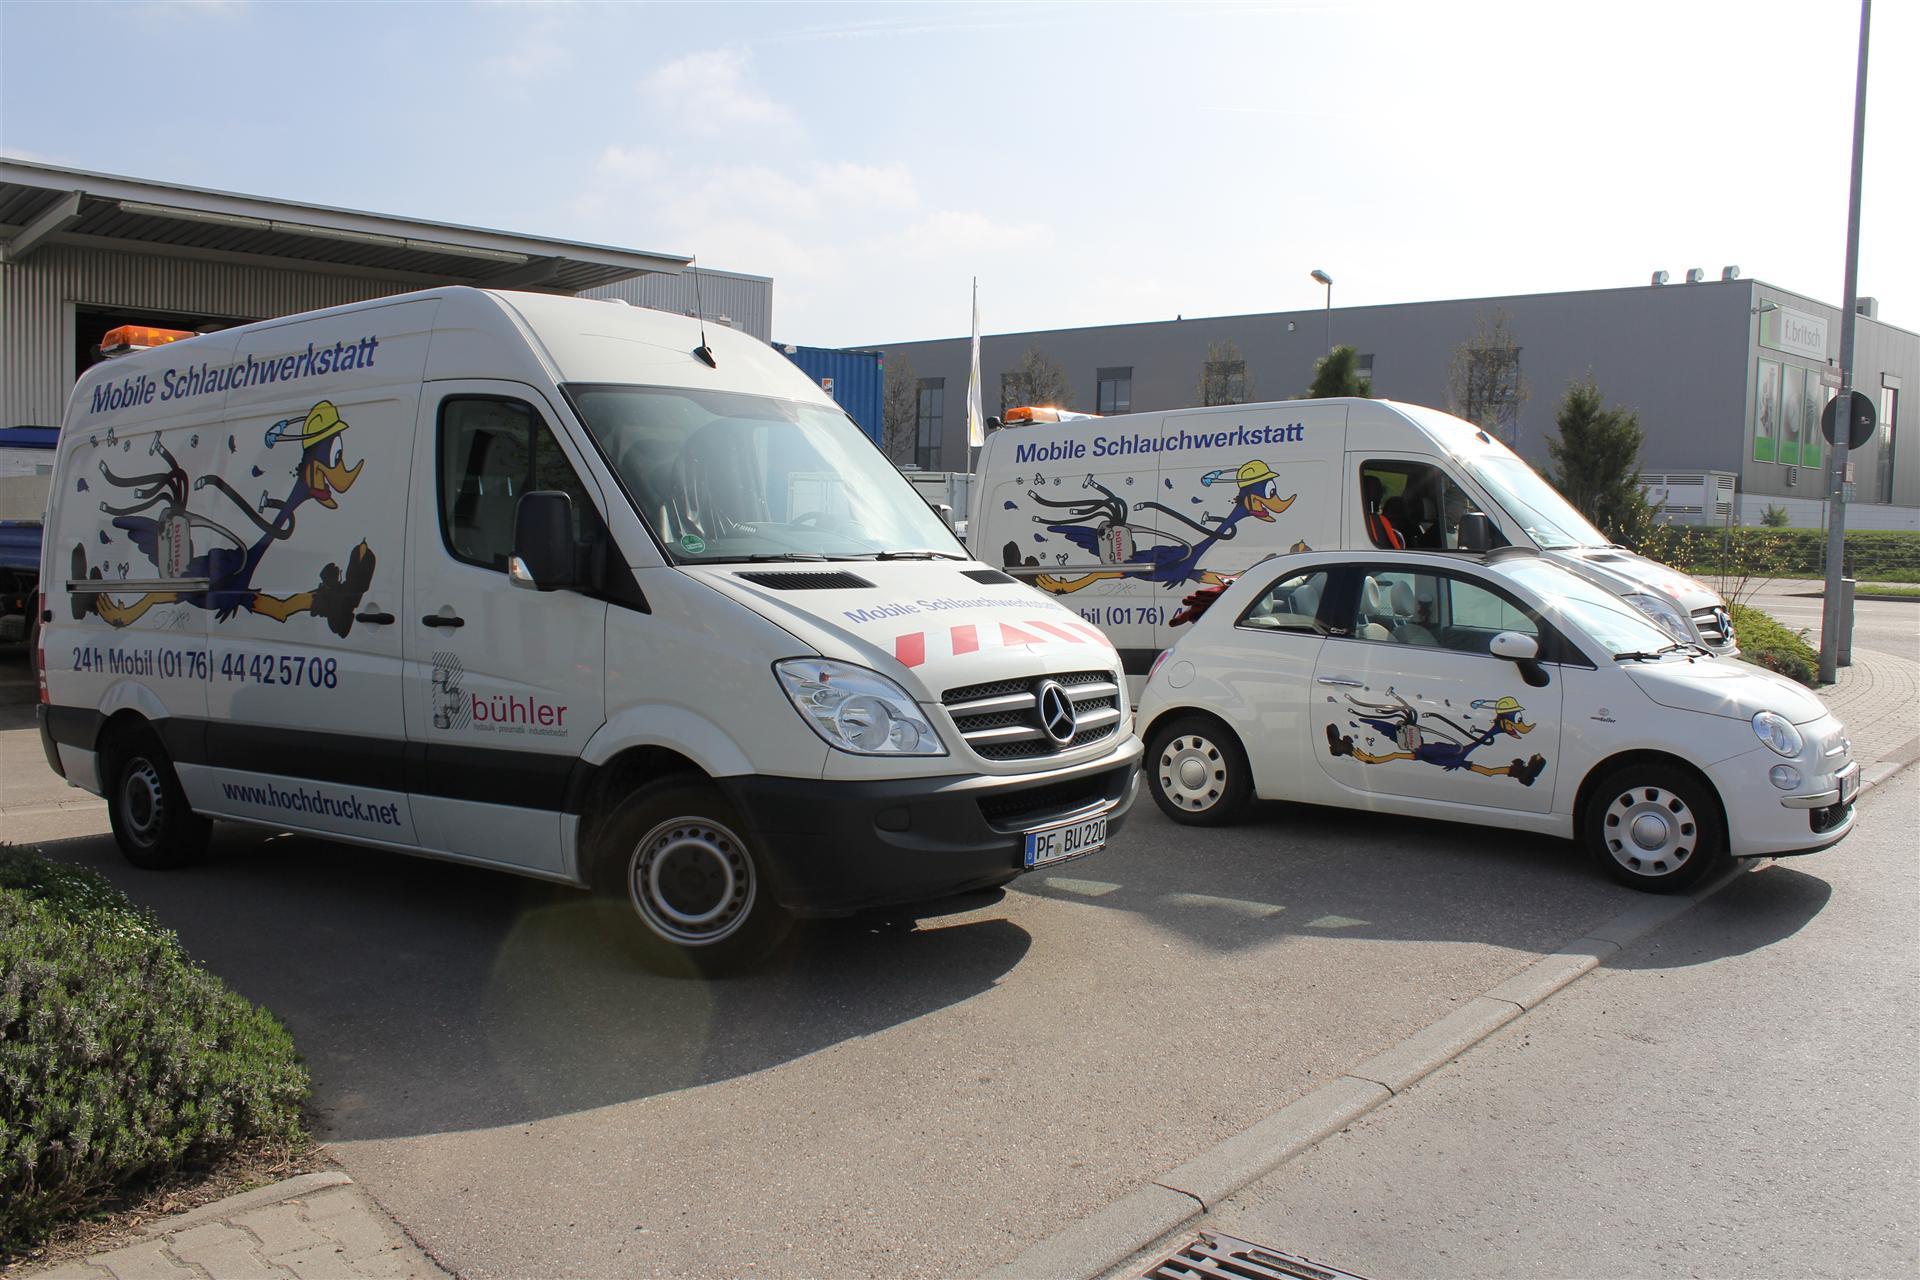 Hydraulikschauch-Service vor Ort